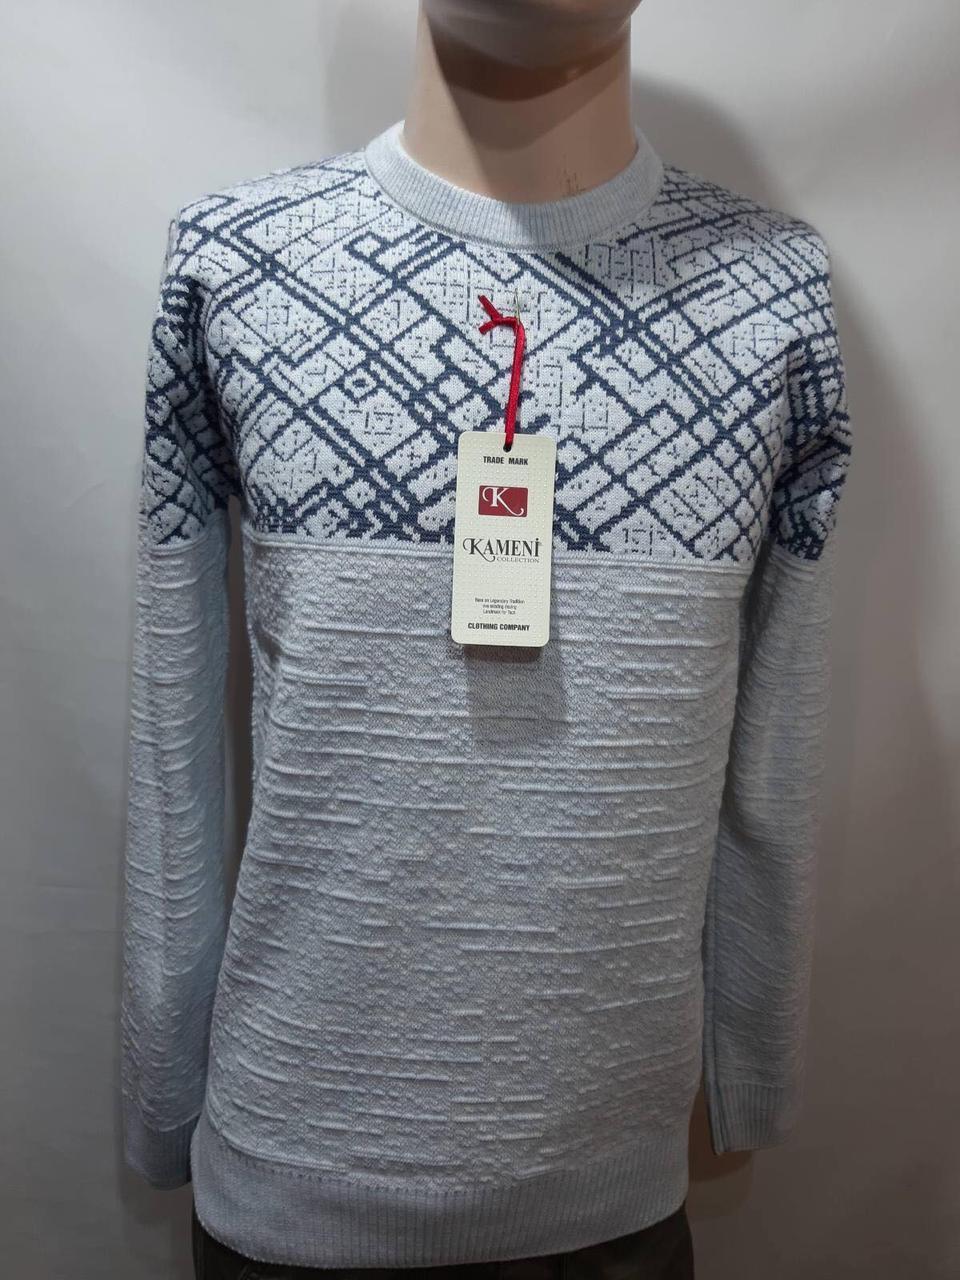 Мужской теплый шерстяной свитер р. Л Kameni отличного качества Турция Светло-серый последний